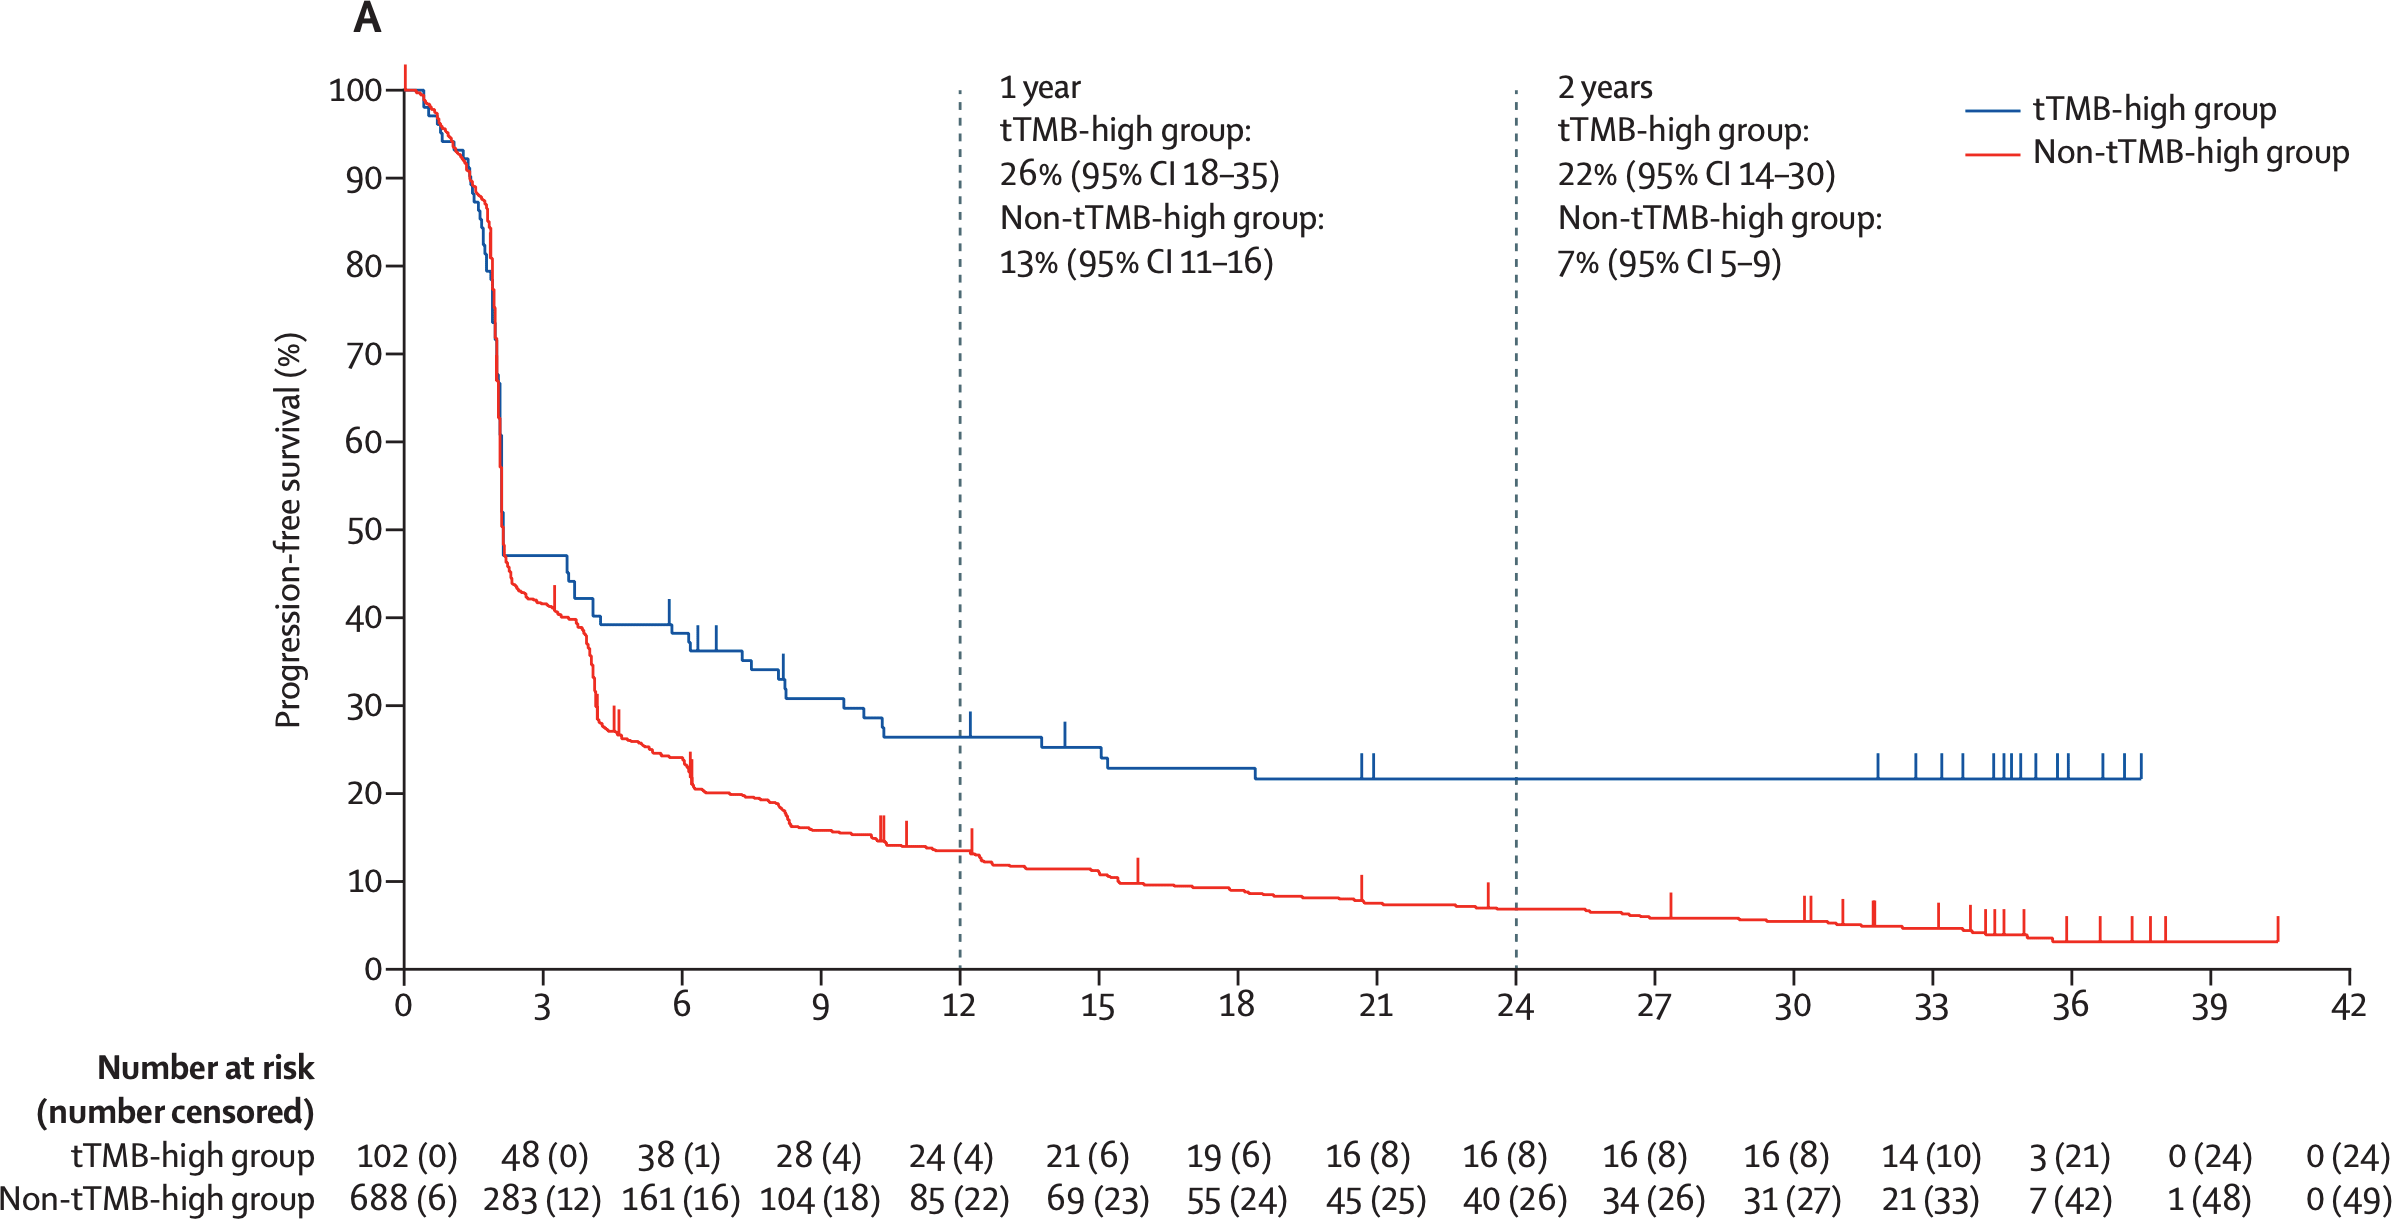 nct02628067 results 06 - «Китруда» разрешен в лечении любых солидных опухолей